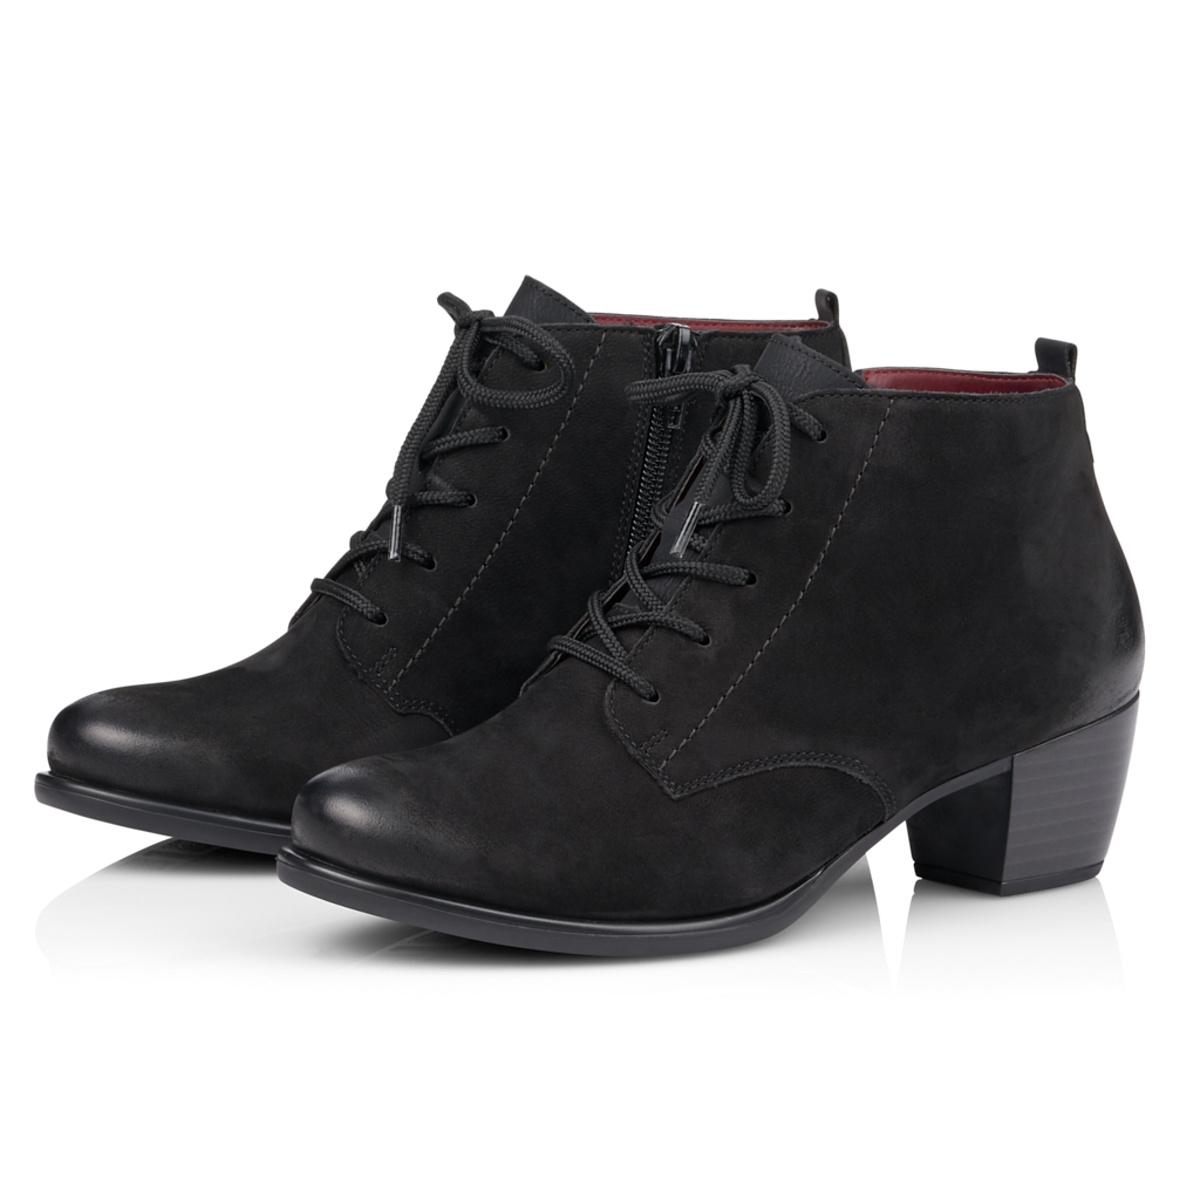 detail Dámska obuv RIEKER - REMONTE br R2670 02 SCHWARZ H W fe4718e2a88